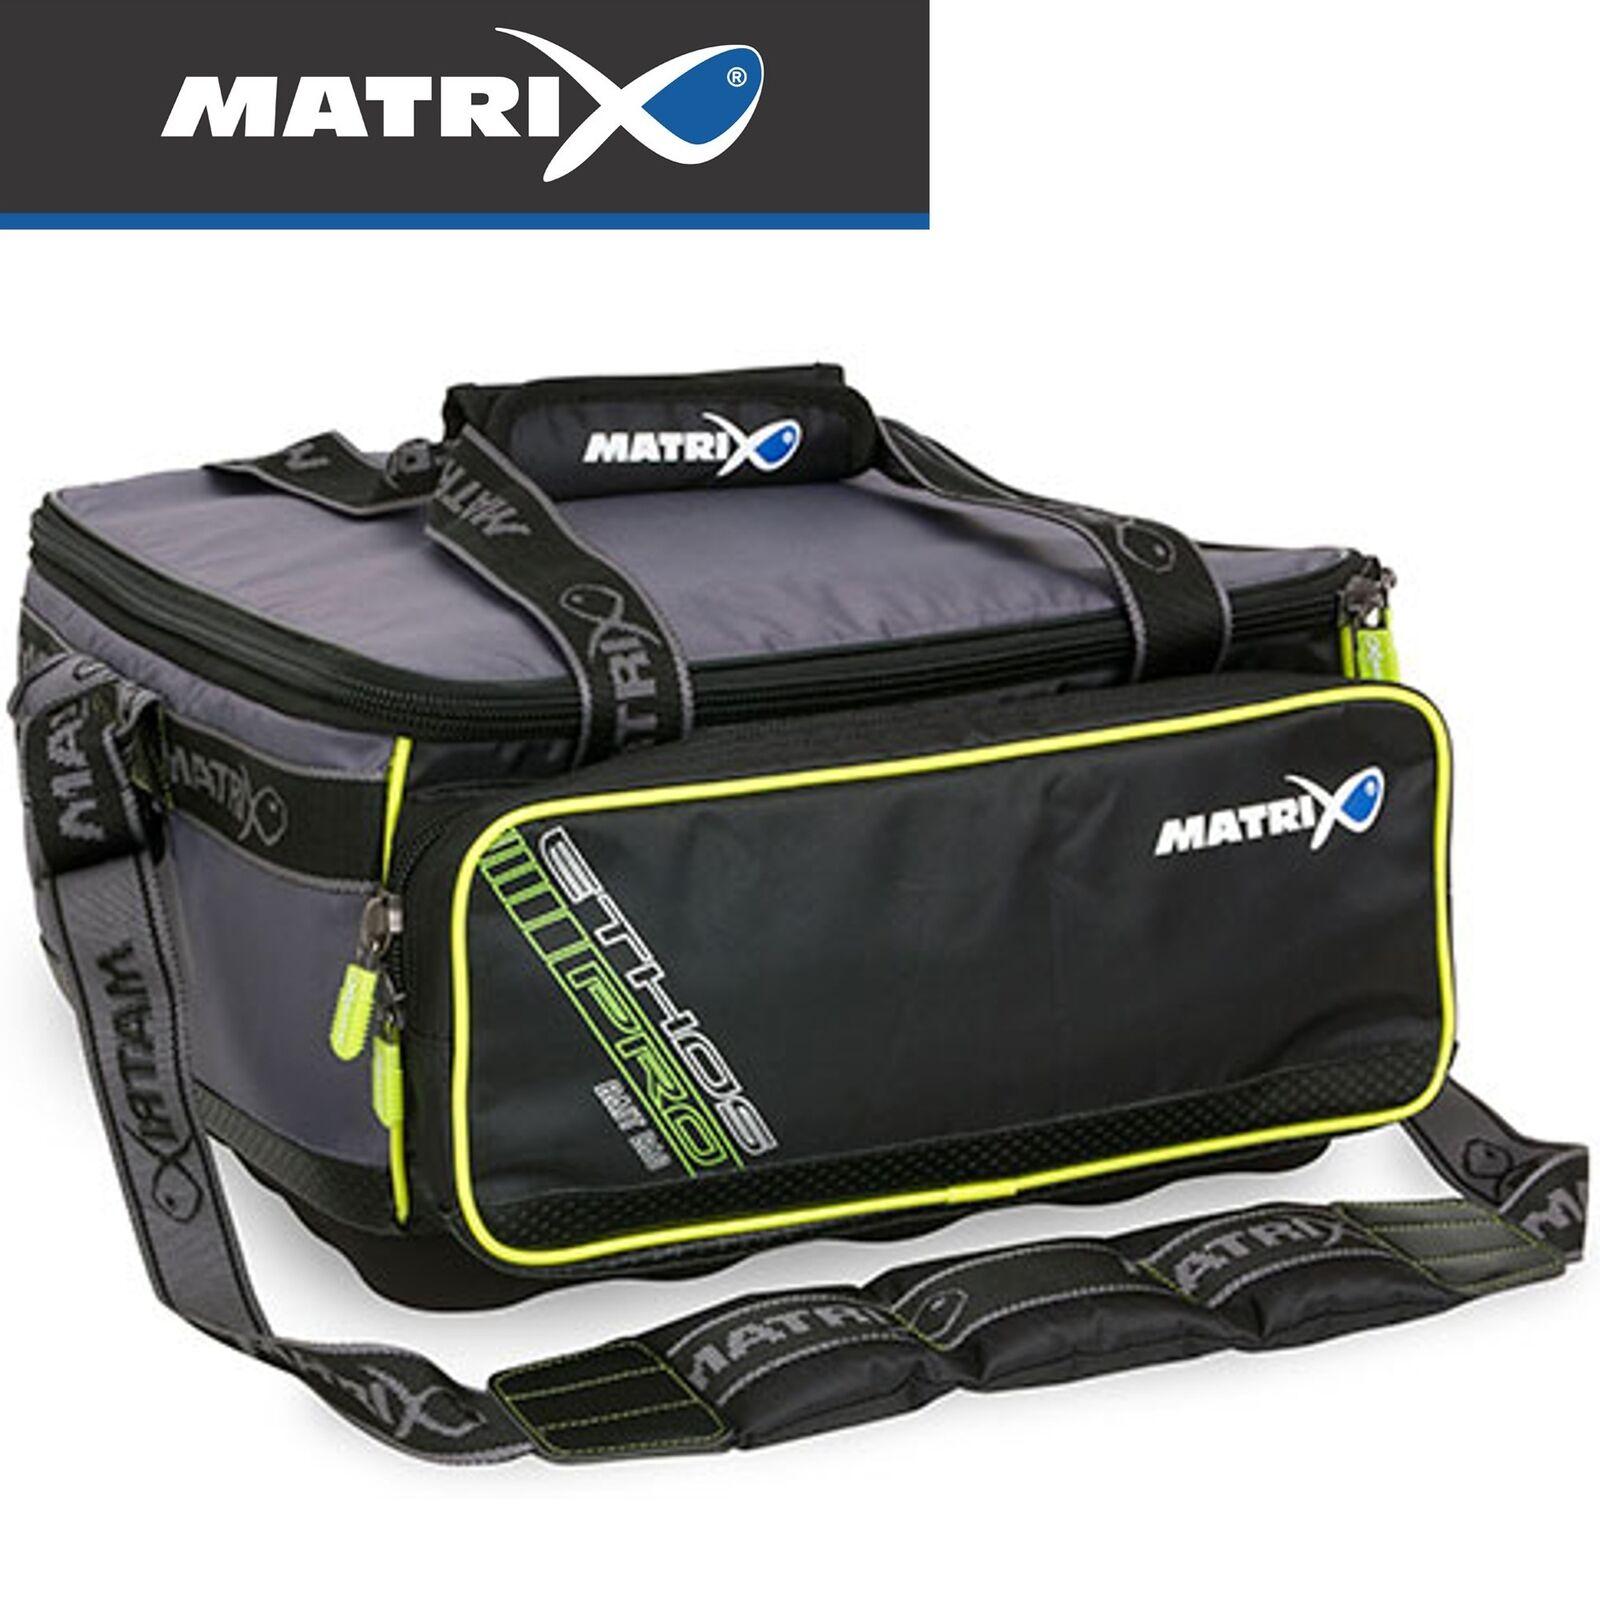 Matrix Pro Ethos Bait bag 40x40x21cm - Ködertasche zum Feedern & Stippen, Tasche